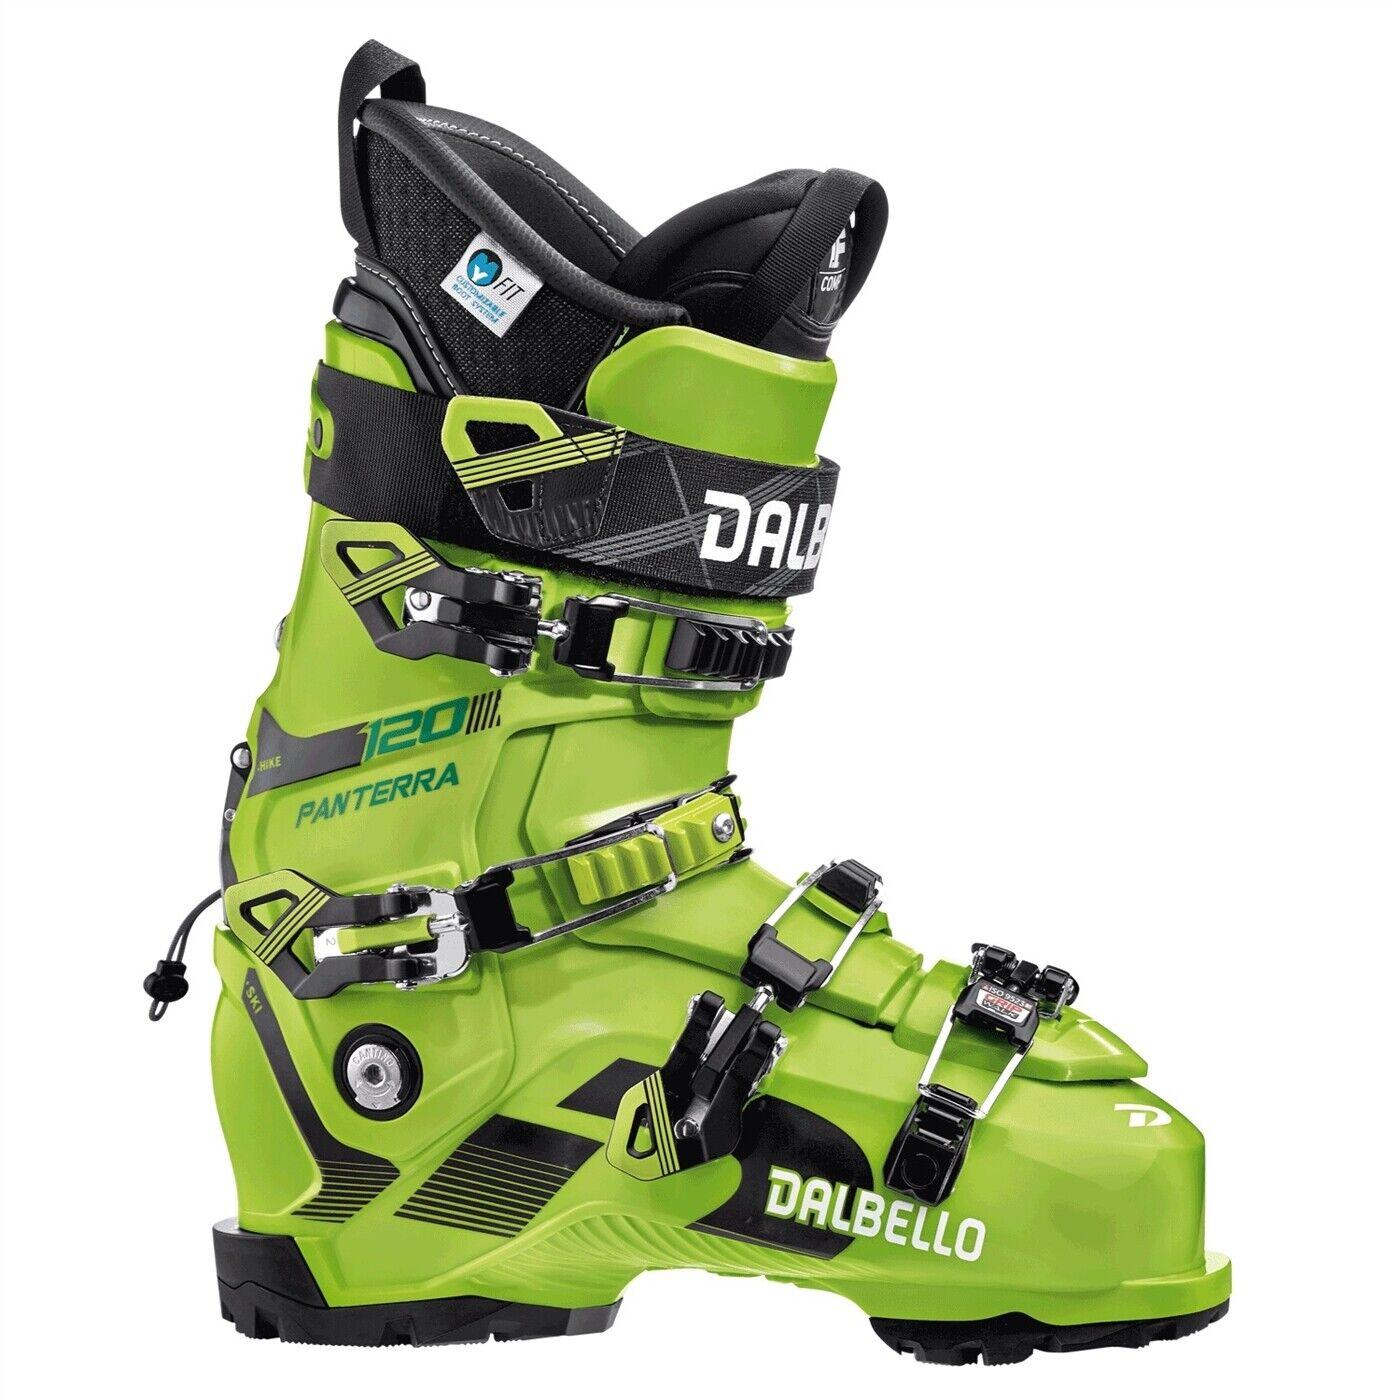 DalBello pantera 120 gigavas botas de esquí - 2020 - masculinidad 26,5 MP   US 8,5